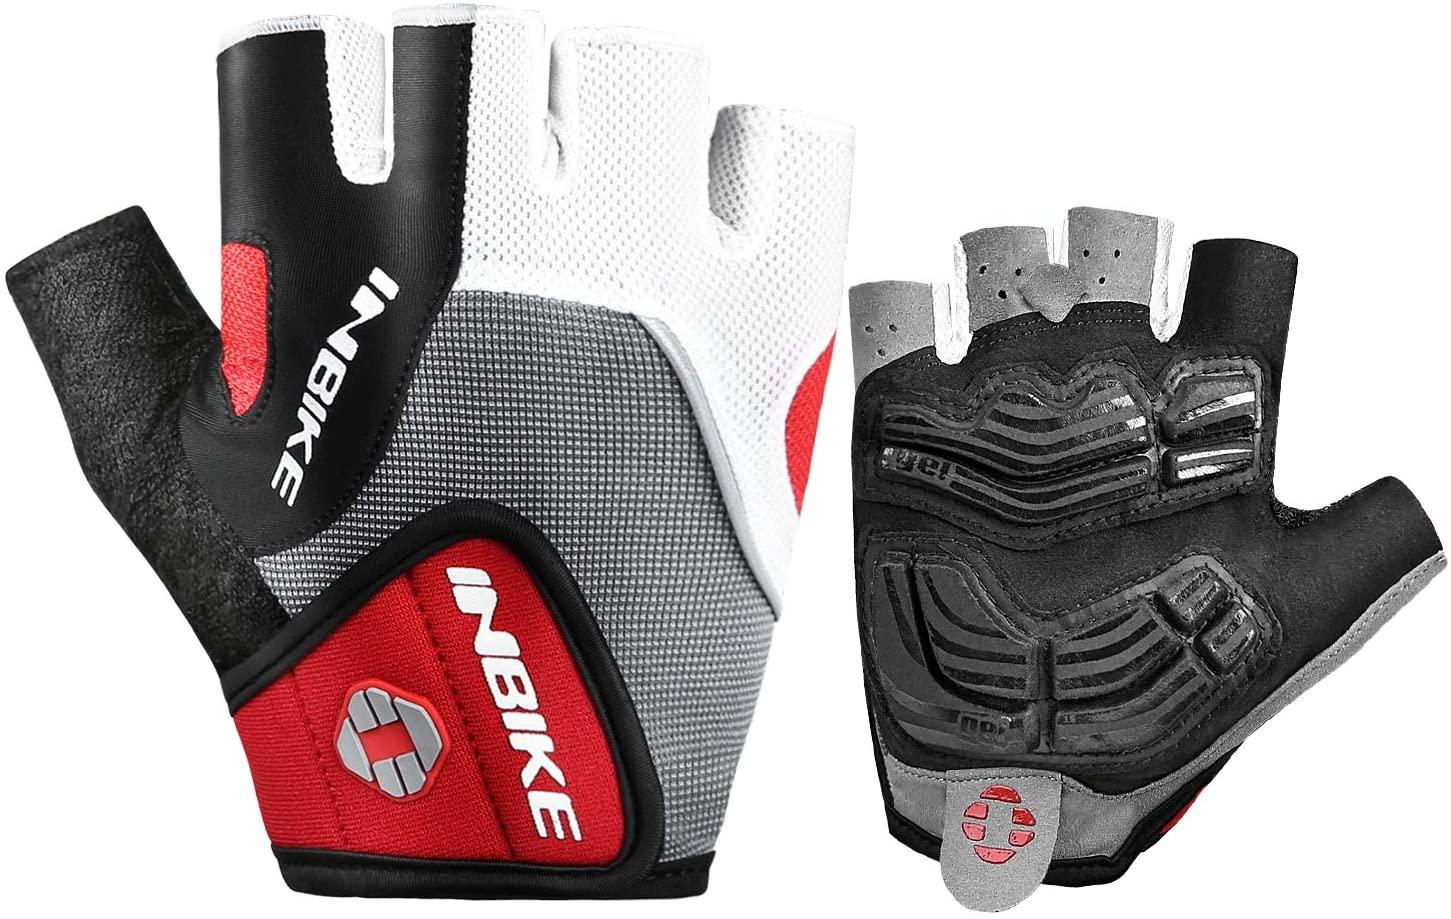 Inbike-guantes-de-ciclismo